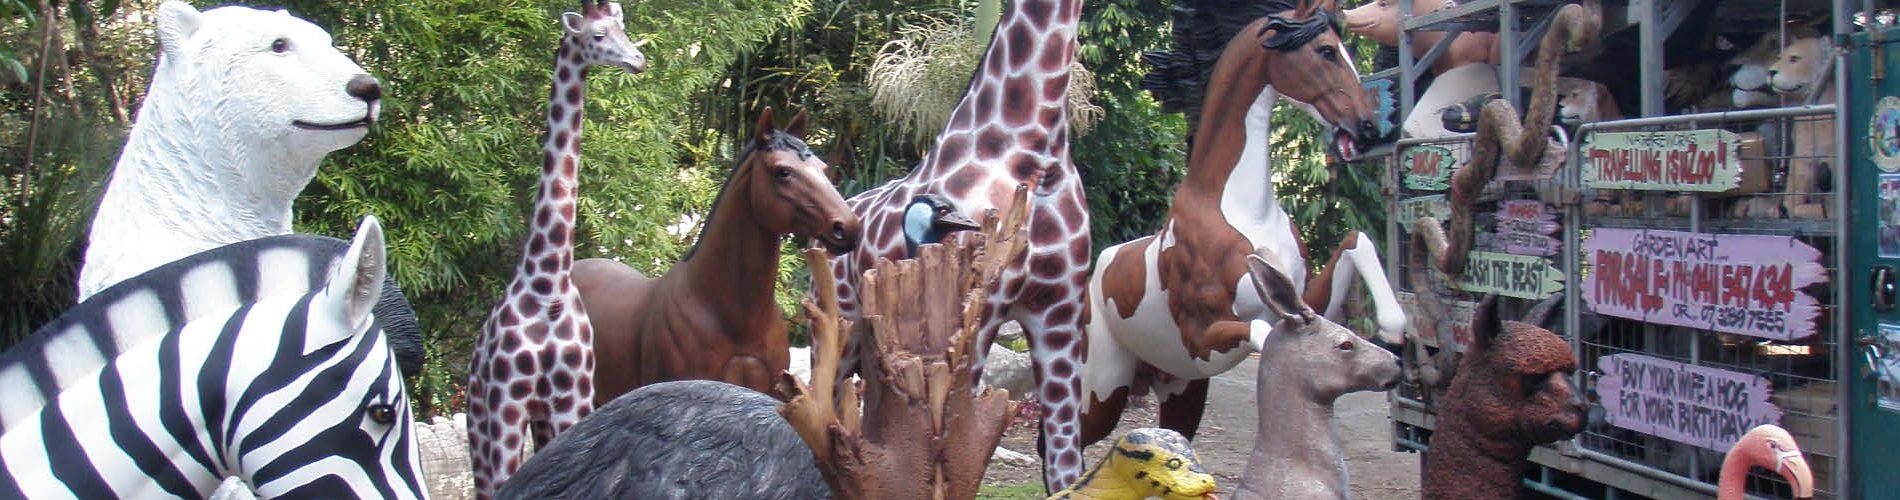 Natureworks Sculpting Studio - Brisbane photo of animals